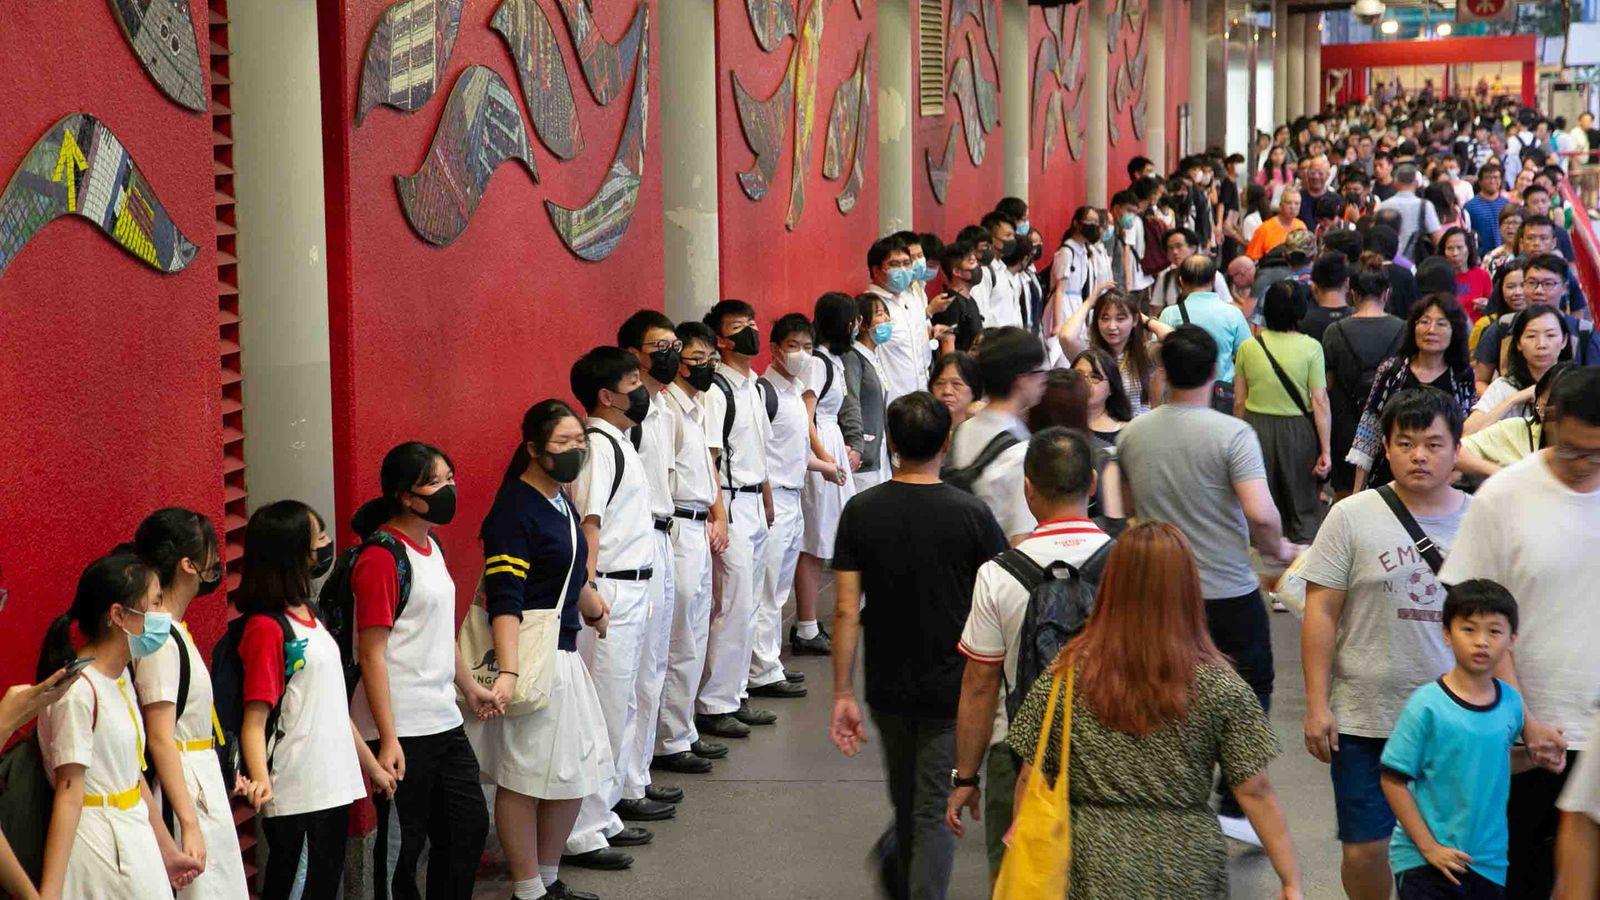 香港デモを嗤う日本人はすぐ中国に泣かされる 民主主義を抑圧する「市場力」の強さ